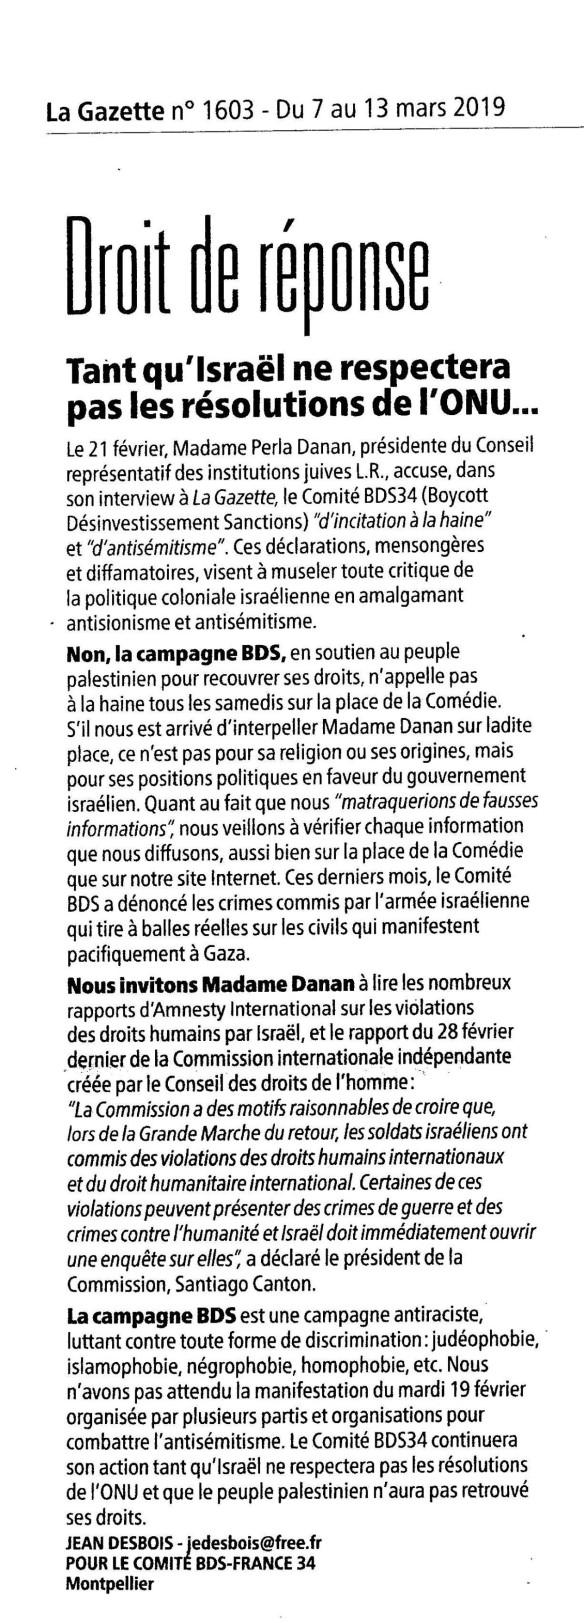 La Gazette-1603-3 mars 2019.jpg